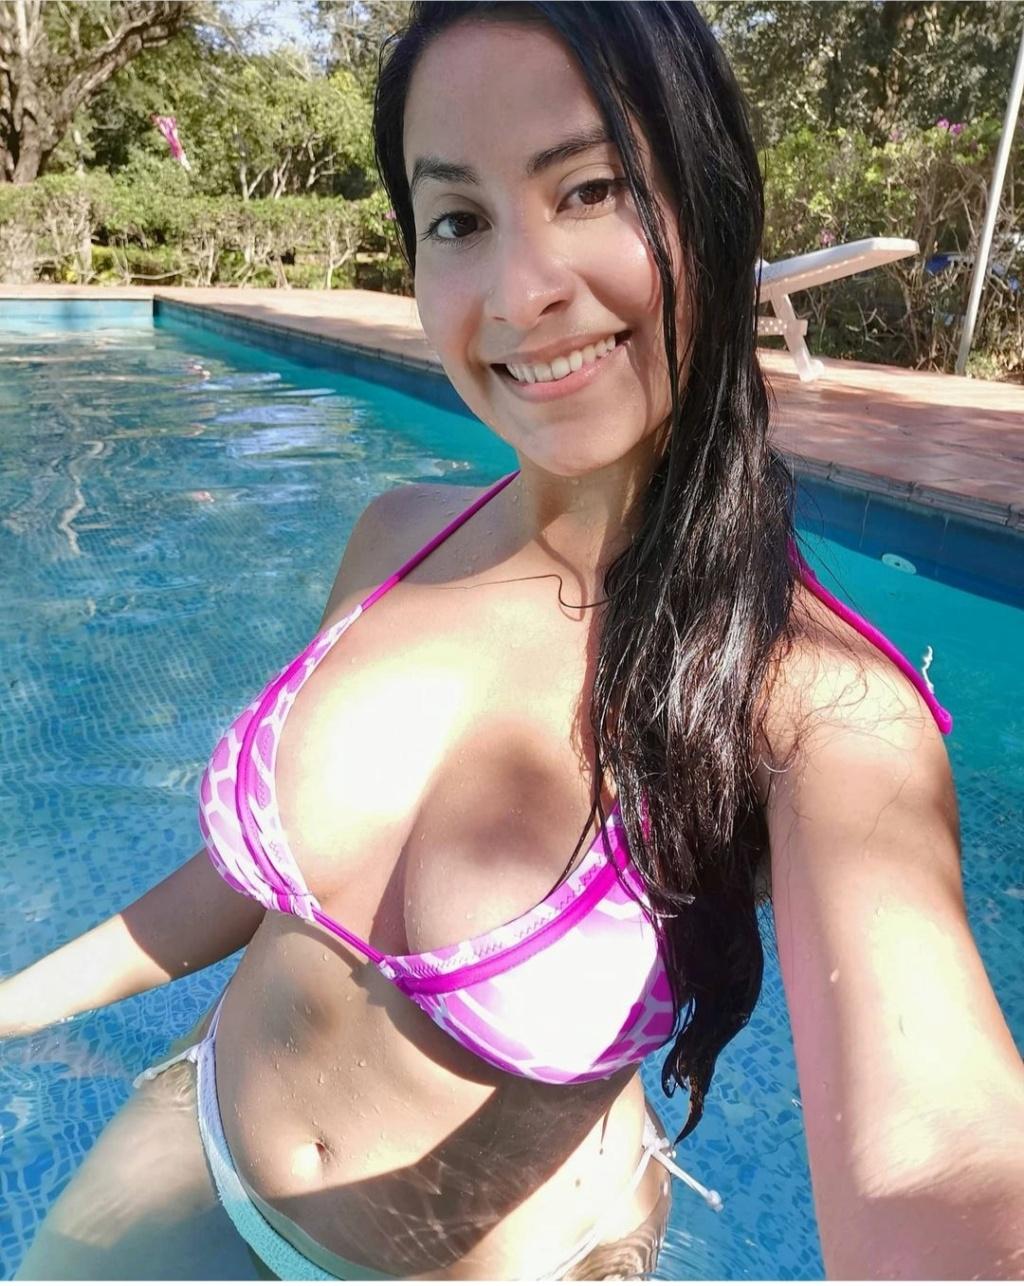 DEBATE sobre belleza, guapura y hermosura (fotos de chicas latinas, mestizas, y de todo) - VOL II - Página 16 Img_1818